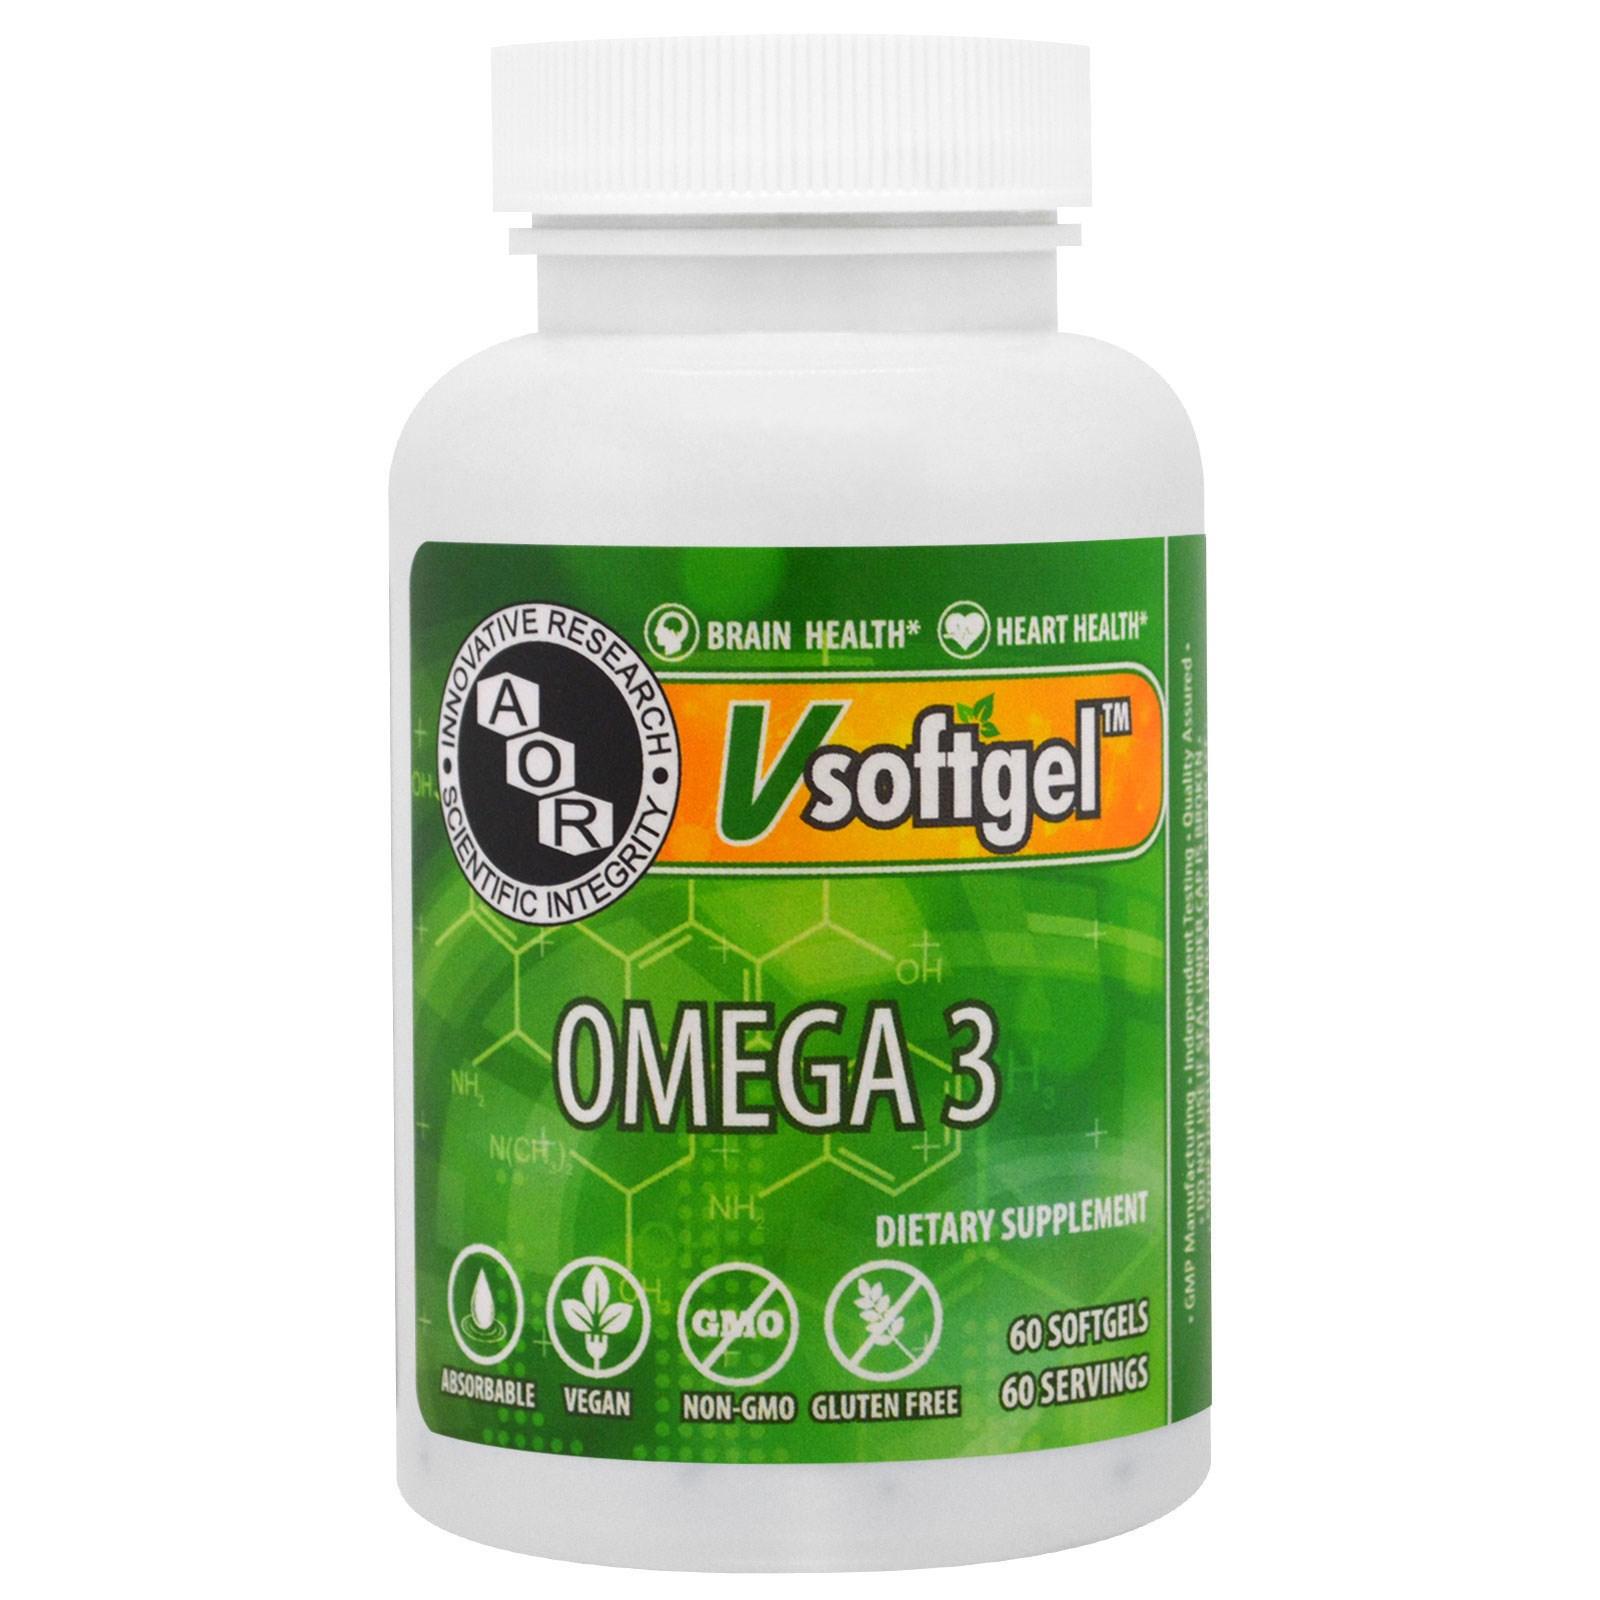 Advanced Orthomolecular Research AOR, Сырой протеин, продвинутая формула с органическим протеином, чай с ароматом ванили, 15 пакетиков, 0,79 унций (23 г) каждый